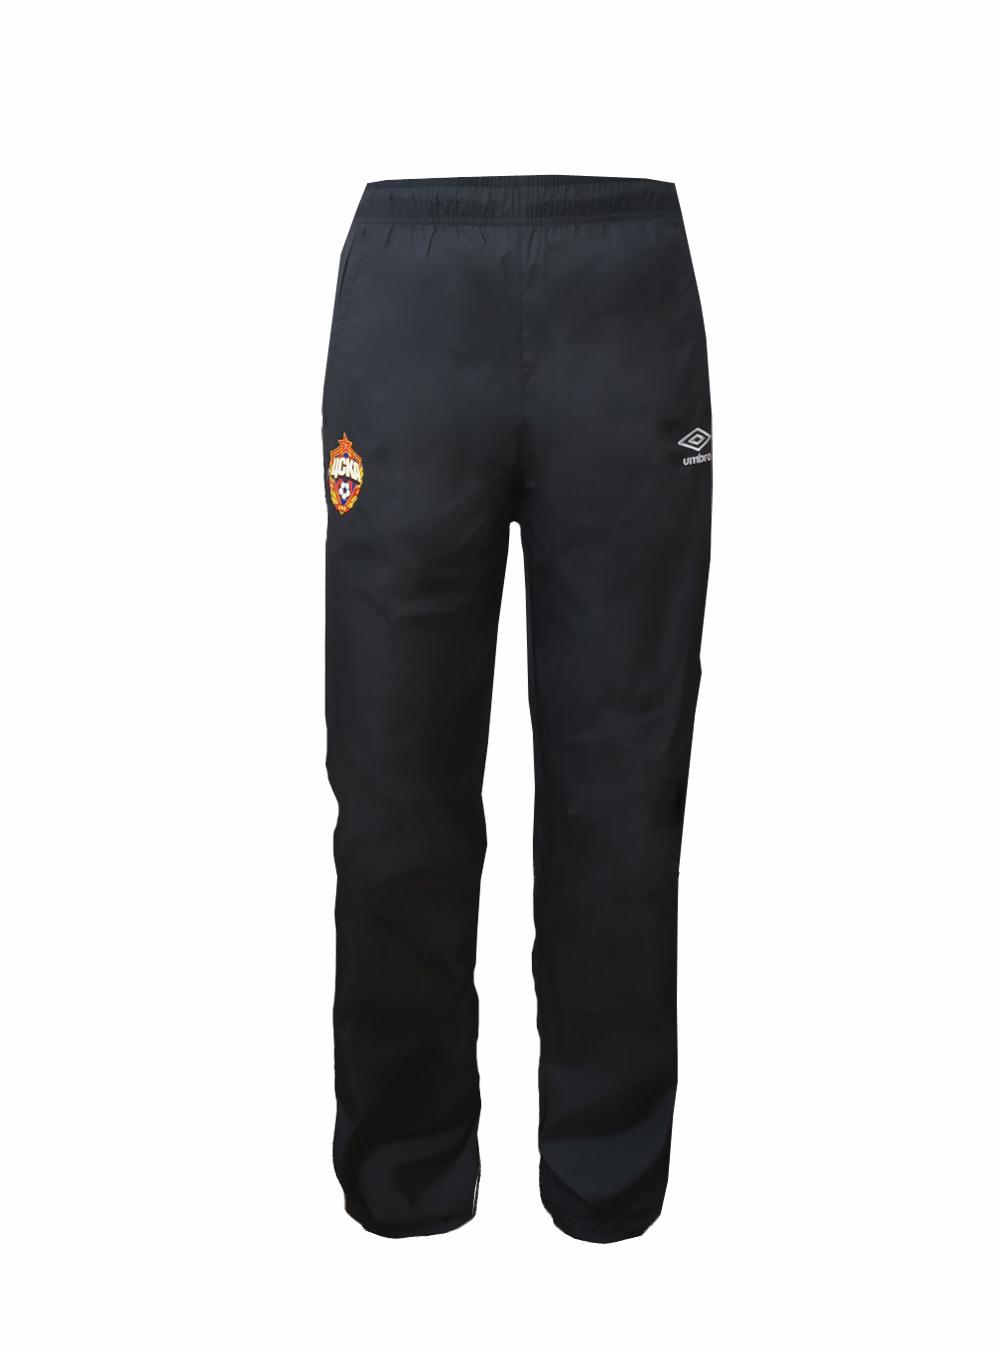 Купить Костюм ветрозащитный (брюки), черный/белый (XXL) по Нижнему Новгороду